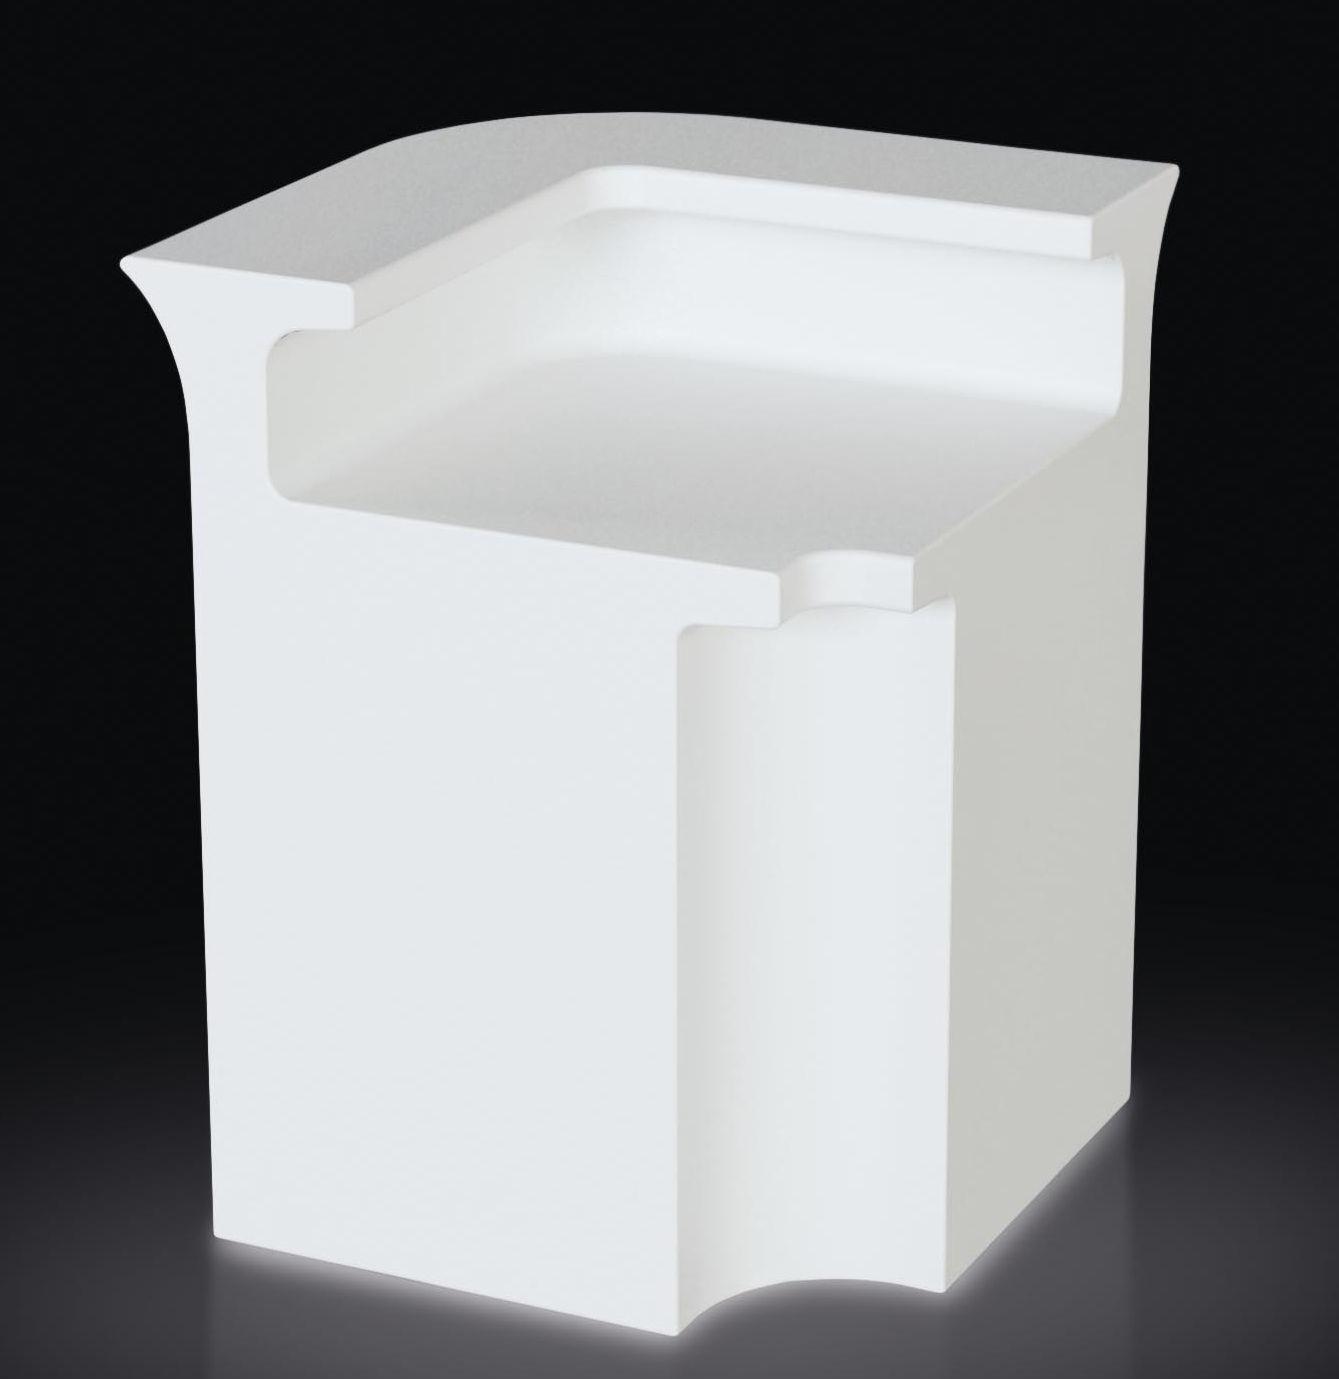 Mobilier - Mobilier lumineux - Bar lumineux Break Line / Module d'angle - Slide - Blanc - polyéthène recyclable